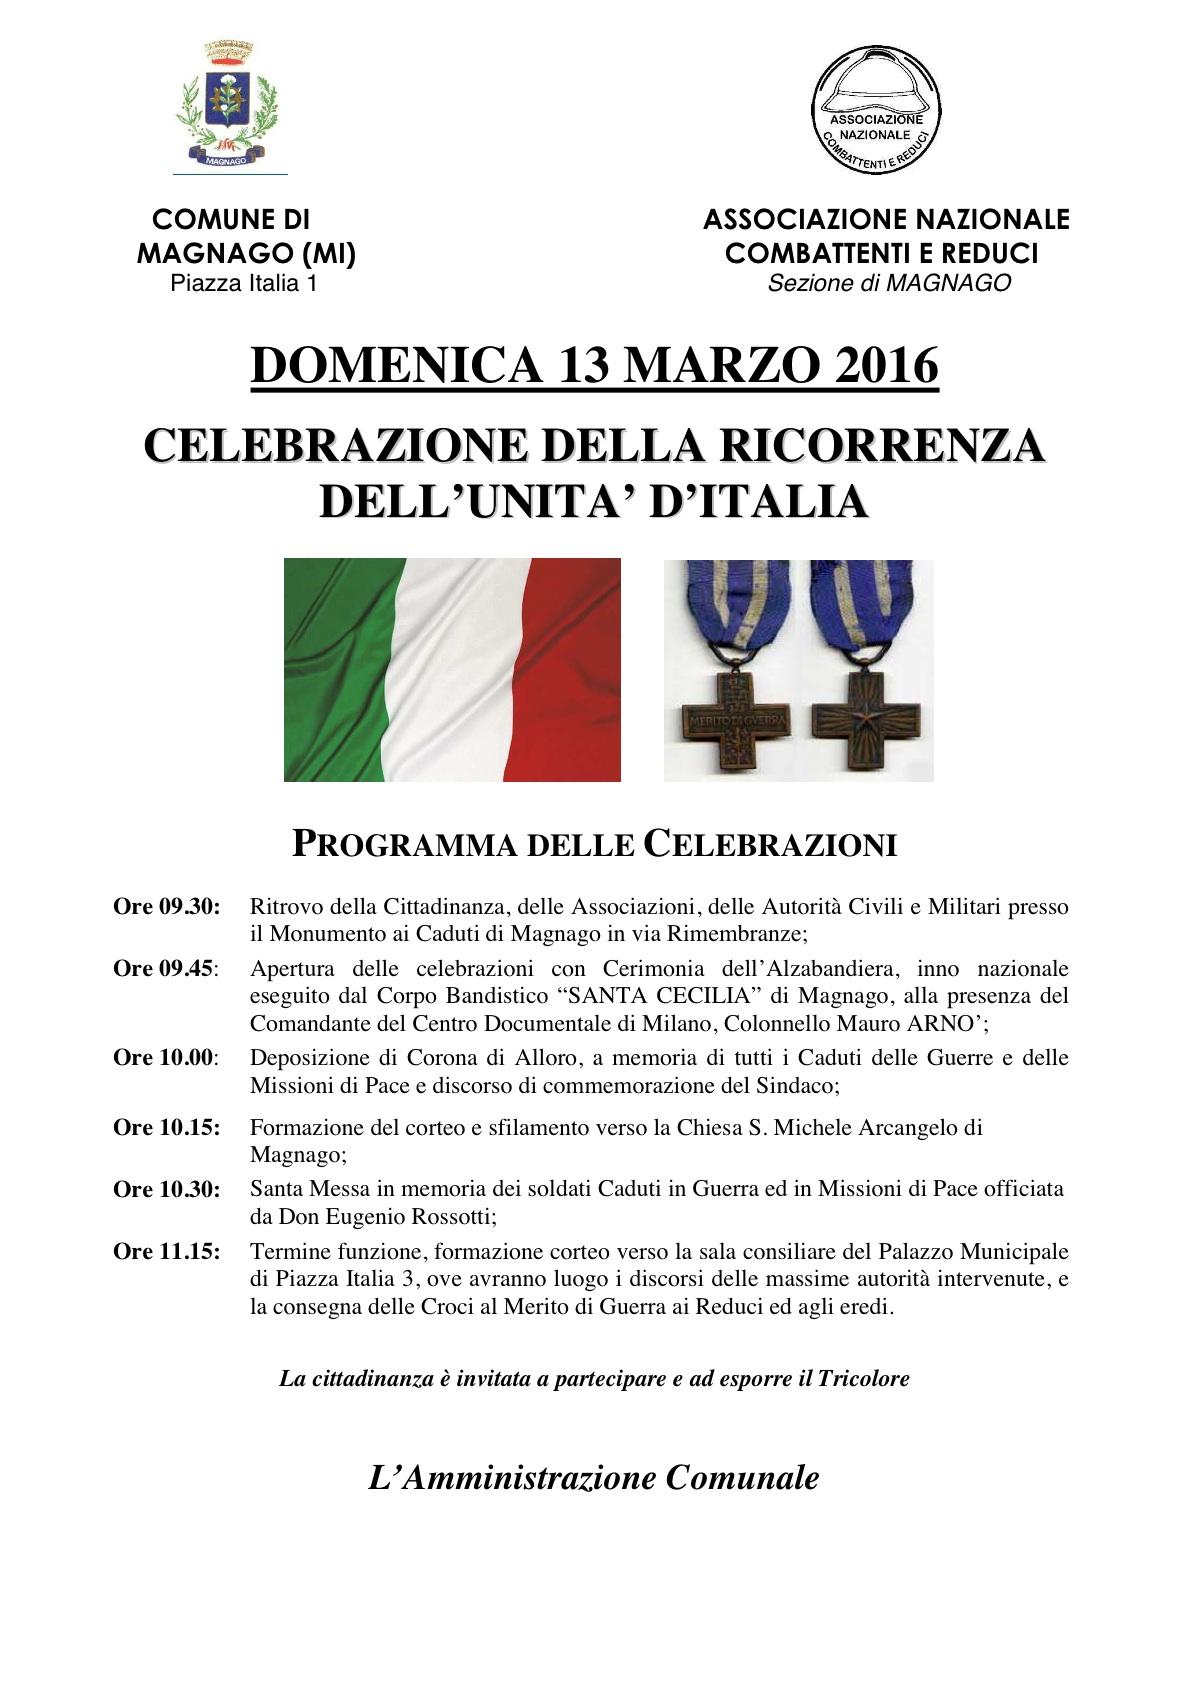 Programma celebrazioni MAGNAGO 13.03.2016